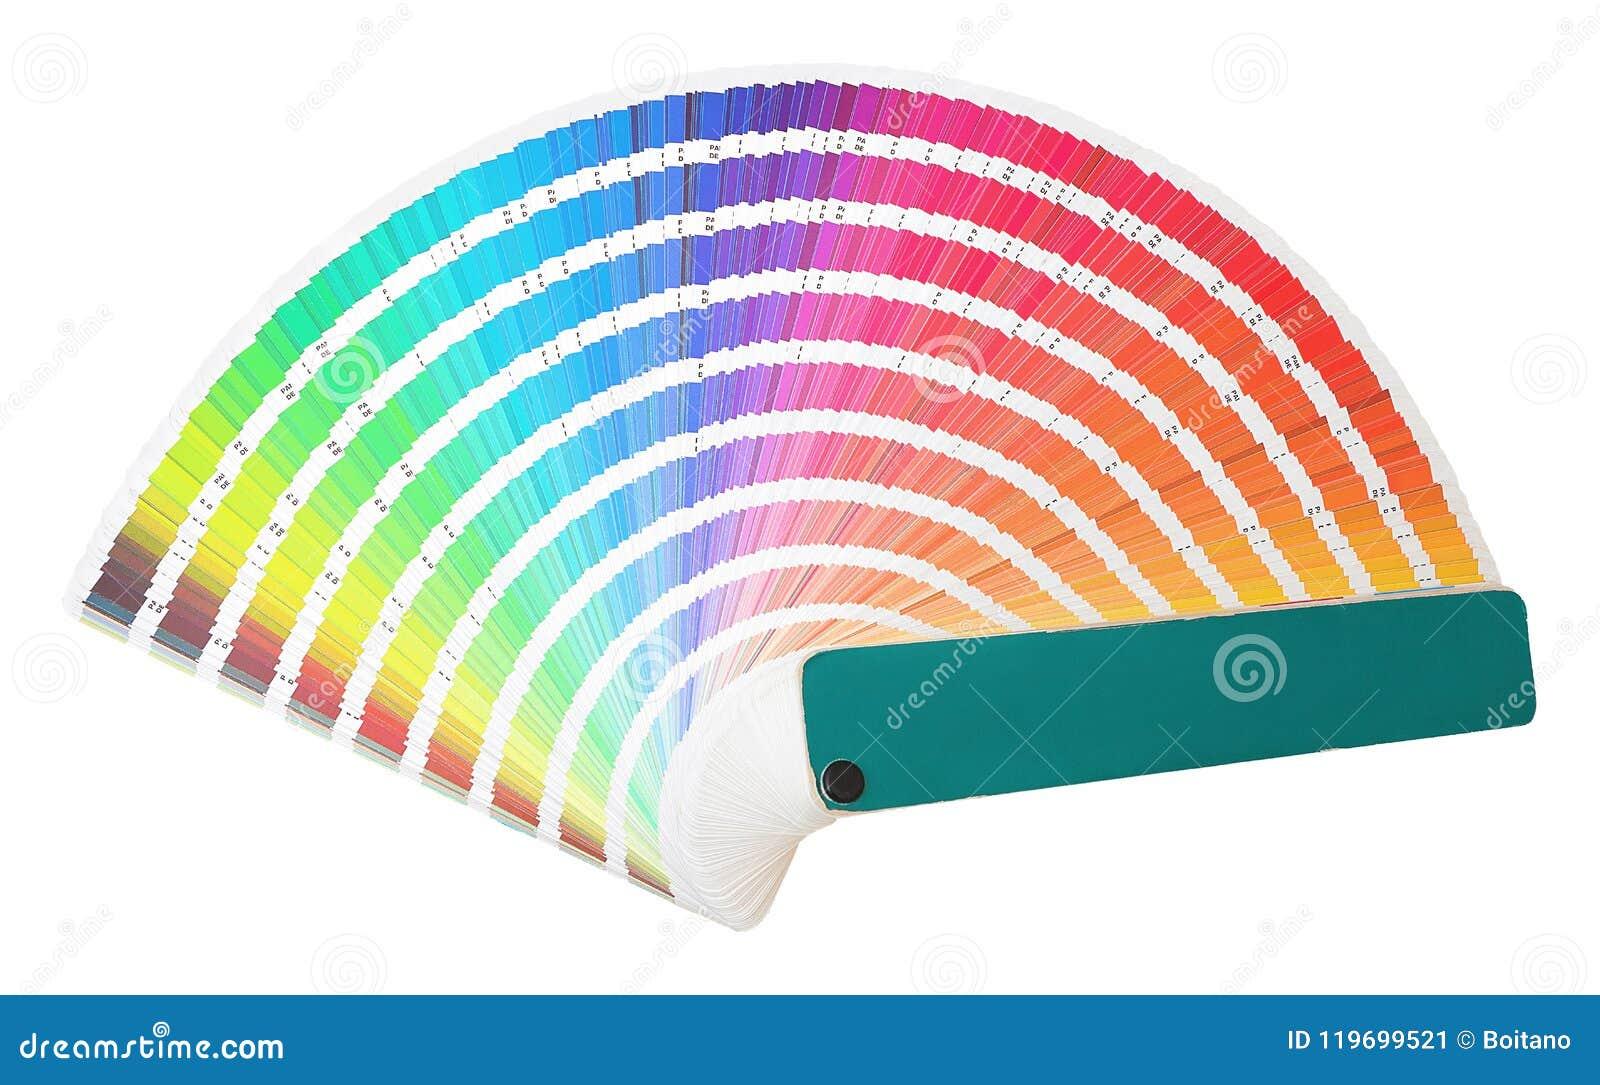 Το δείγμα ουράνιων τόξων χρωματίζει τον κατάλογο σε πολλές σκιές των χρωμάτων ή του φάσματος που απομονώνονται στο άσπρο υπόβαθρο